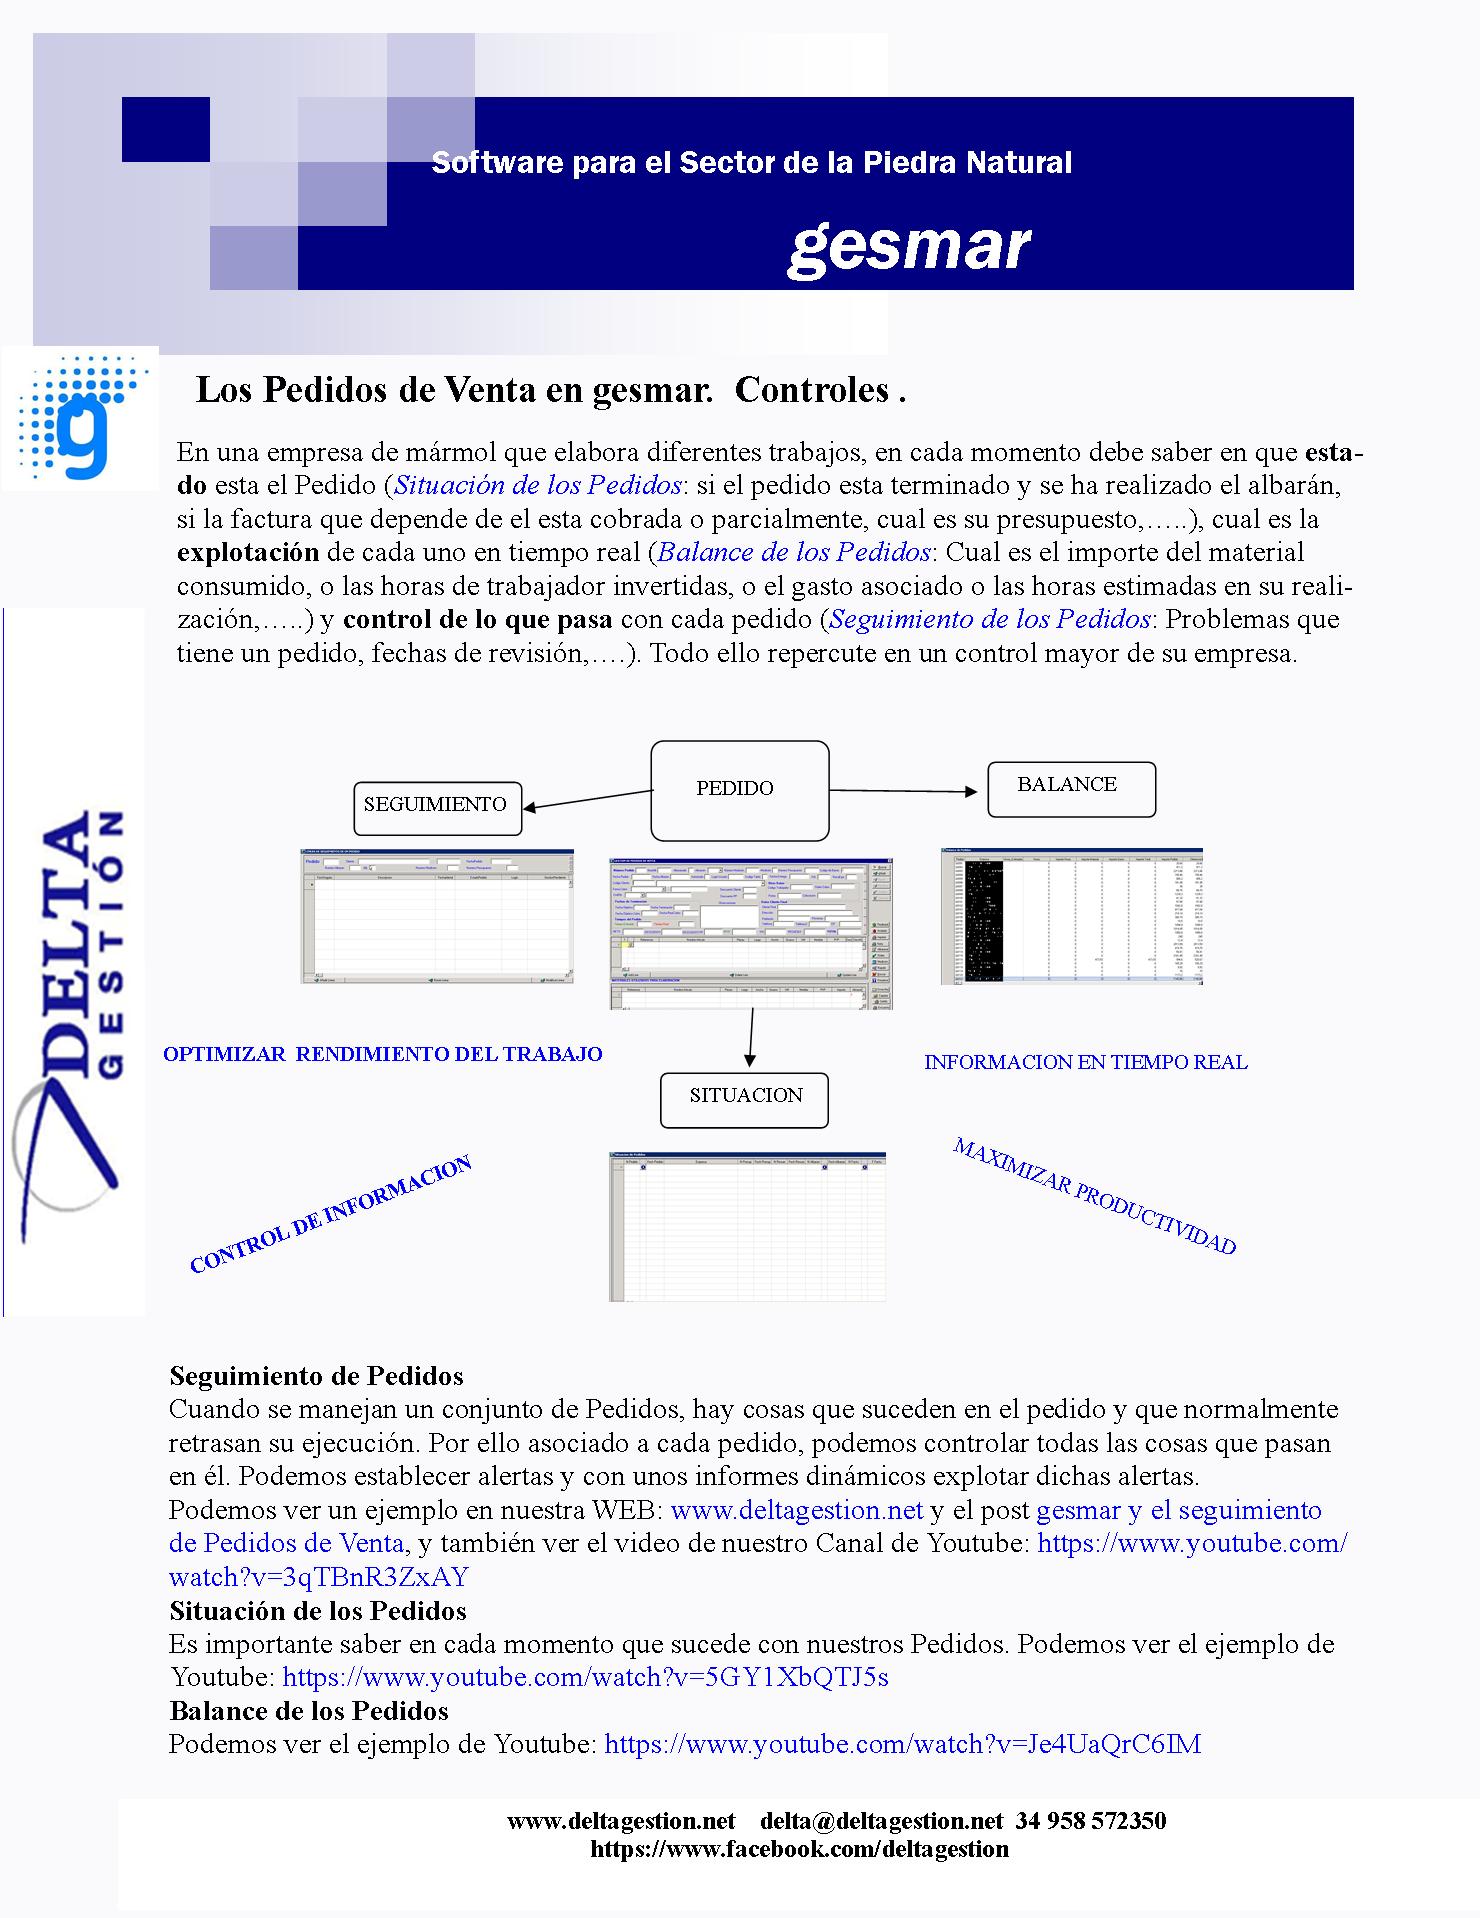 20170803_1230 GESMAR gesmar los pedidos de Venta III